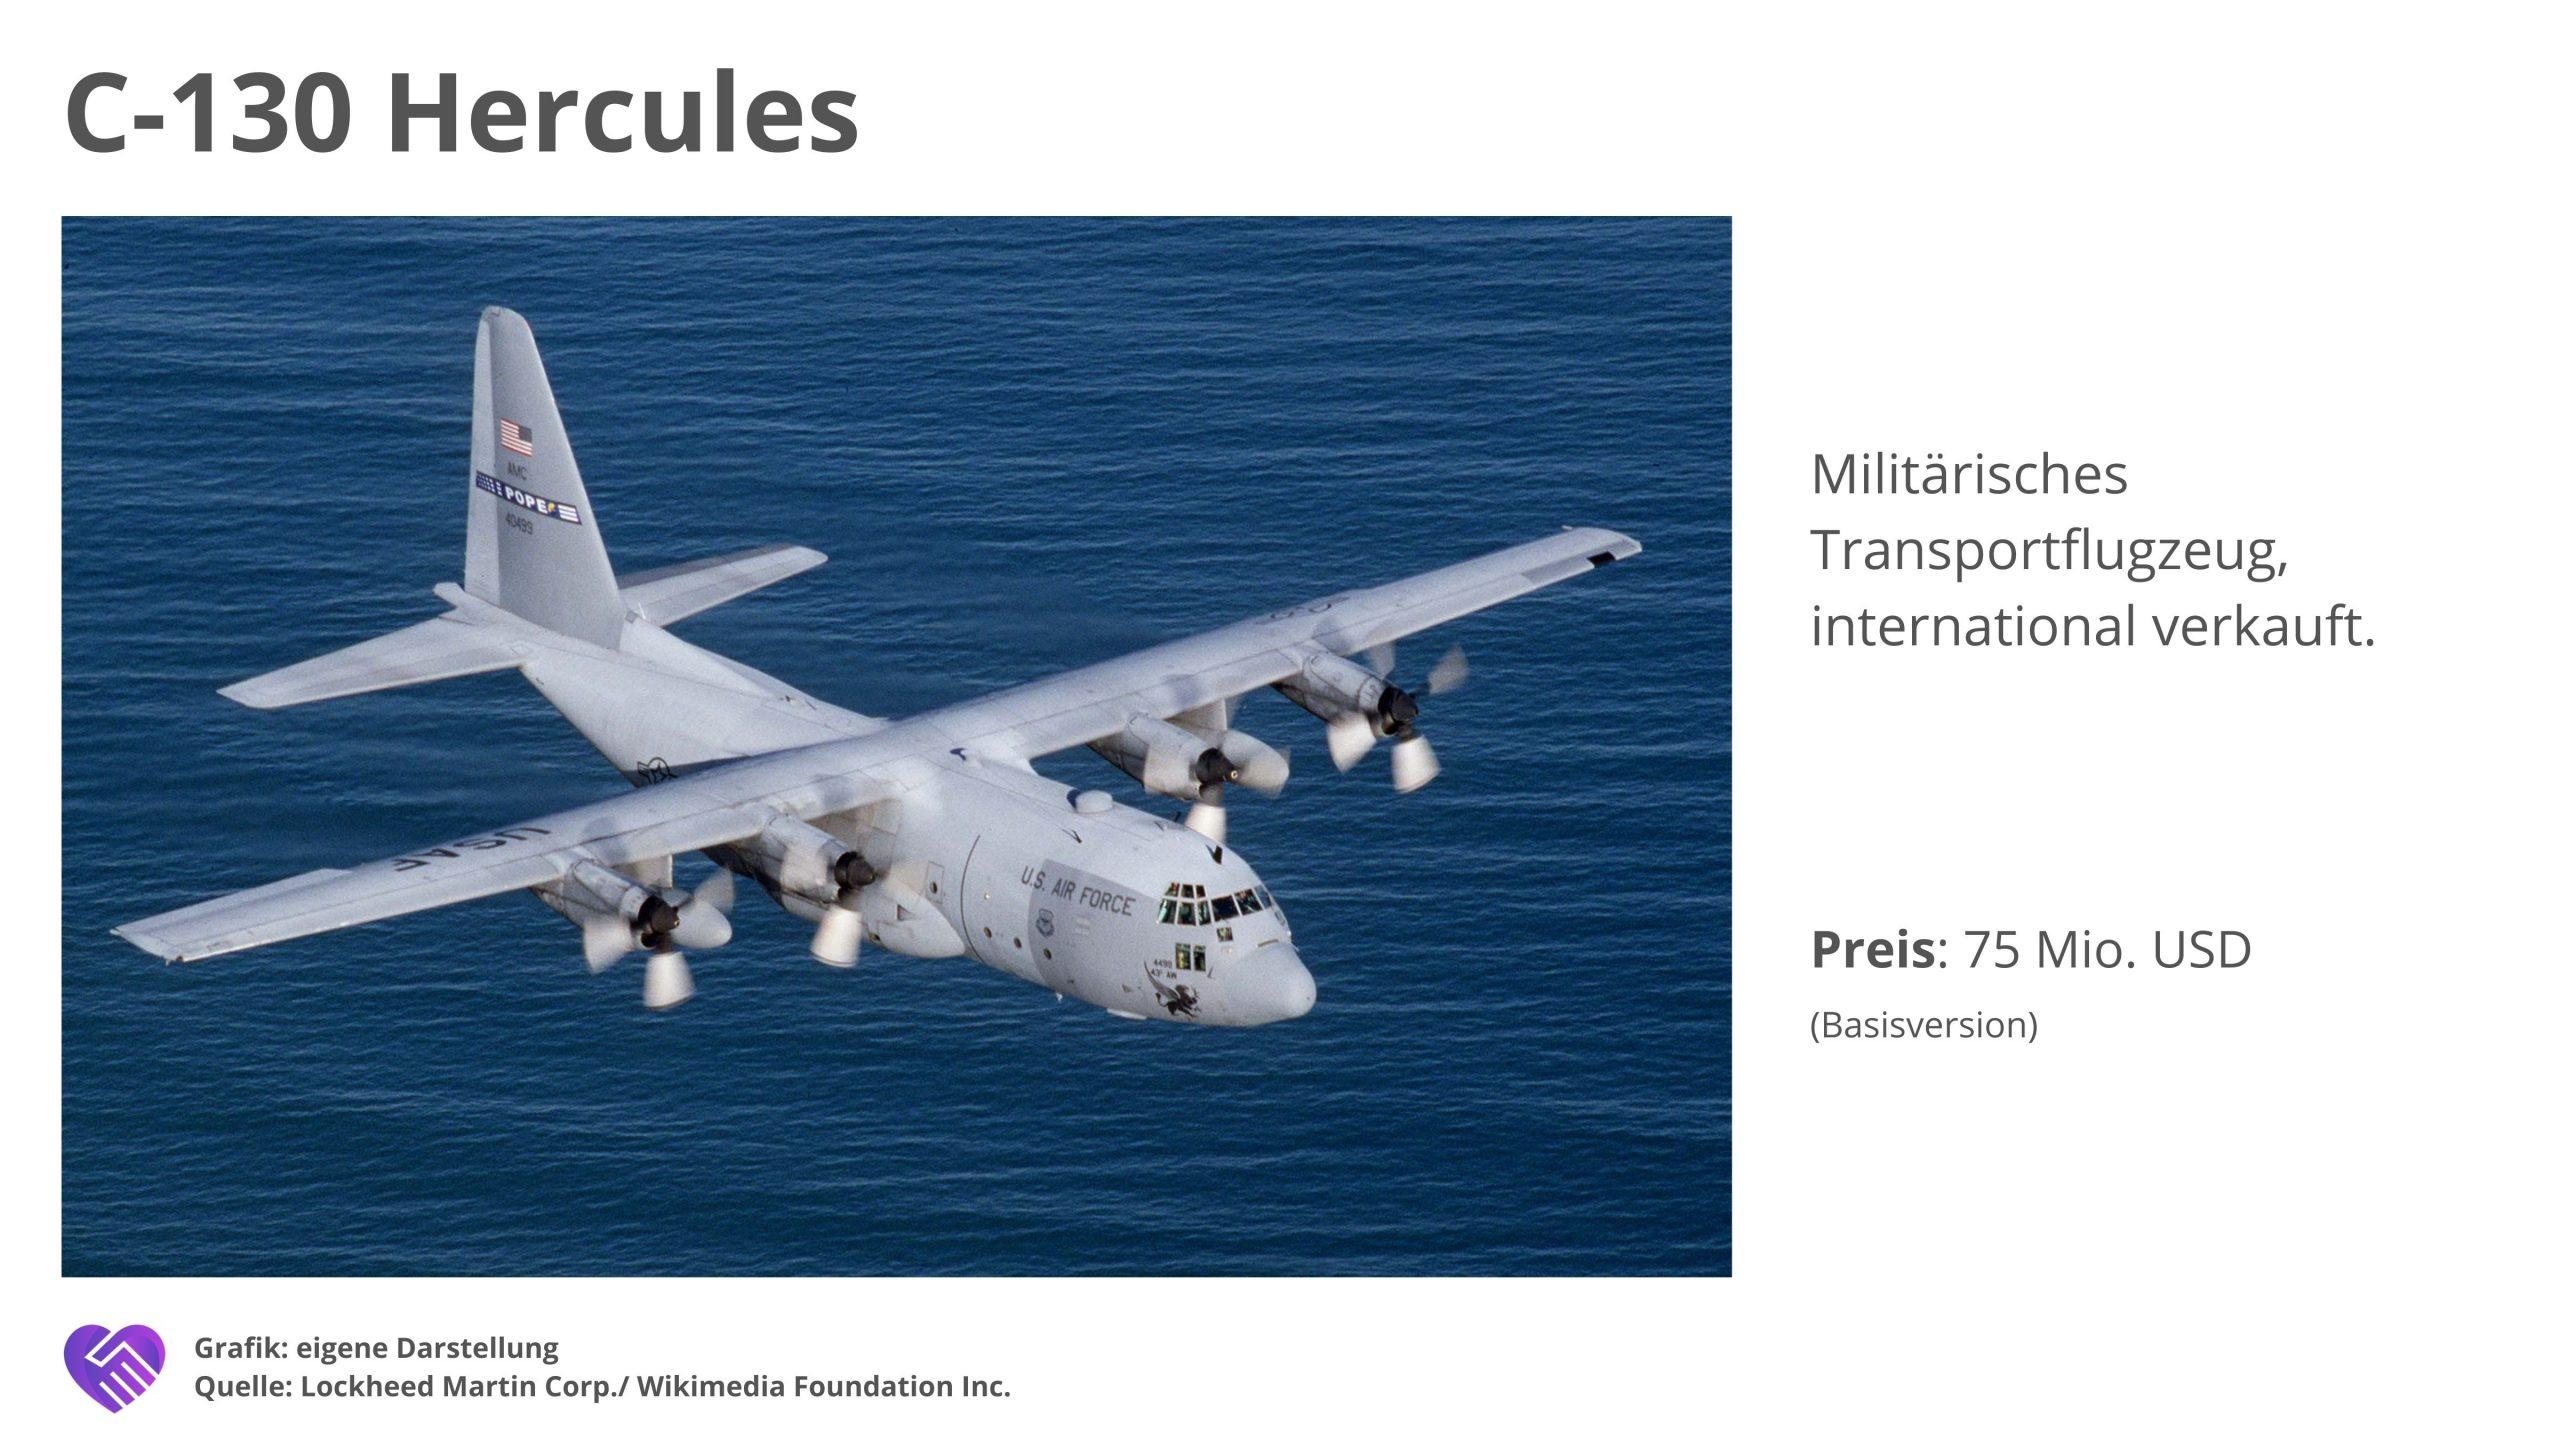 Lockheed Martin Aktie Analyse Geschäftsmodell C 130